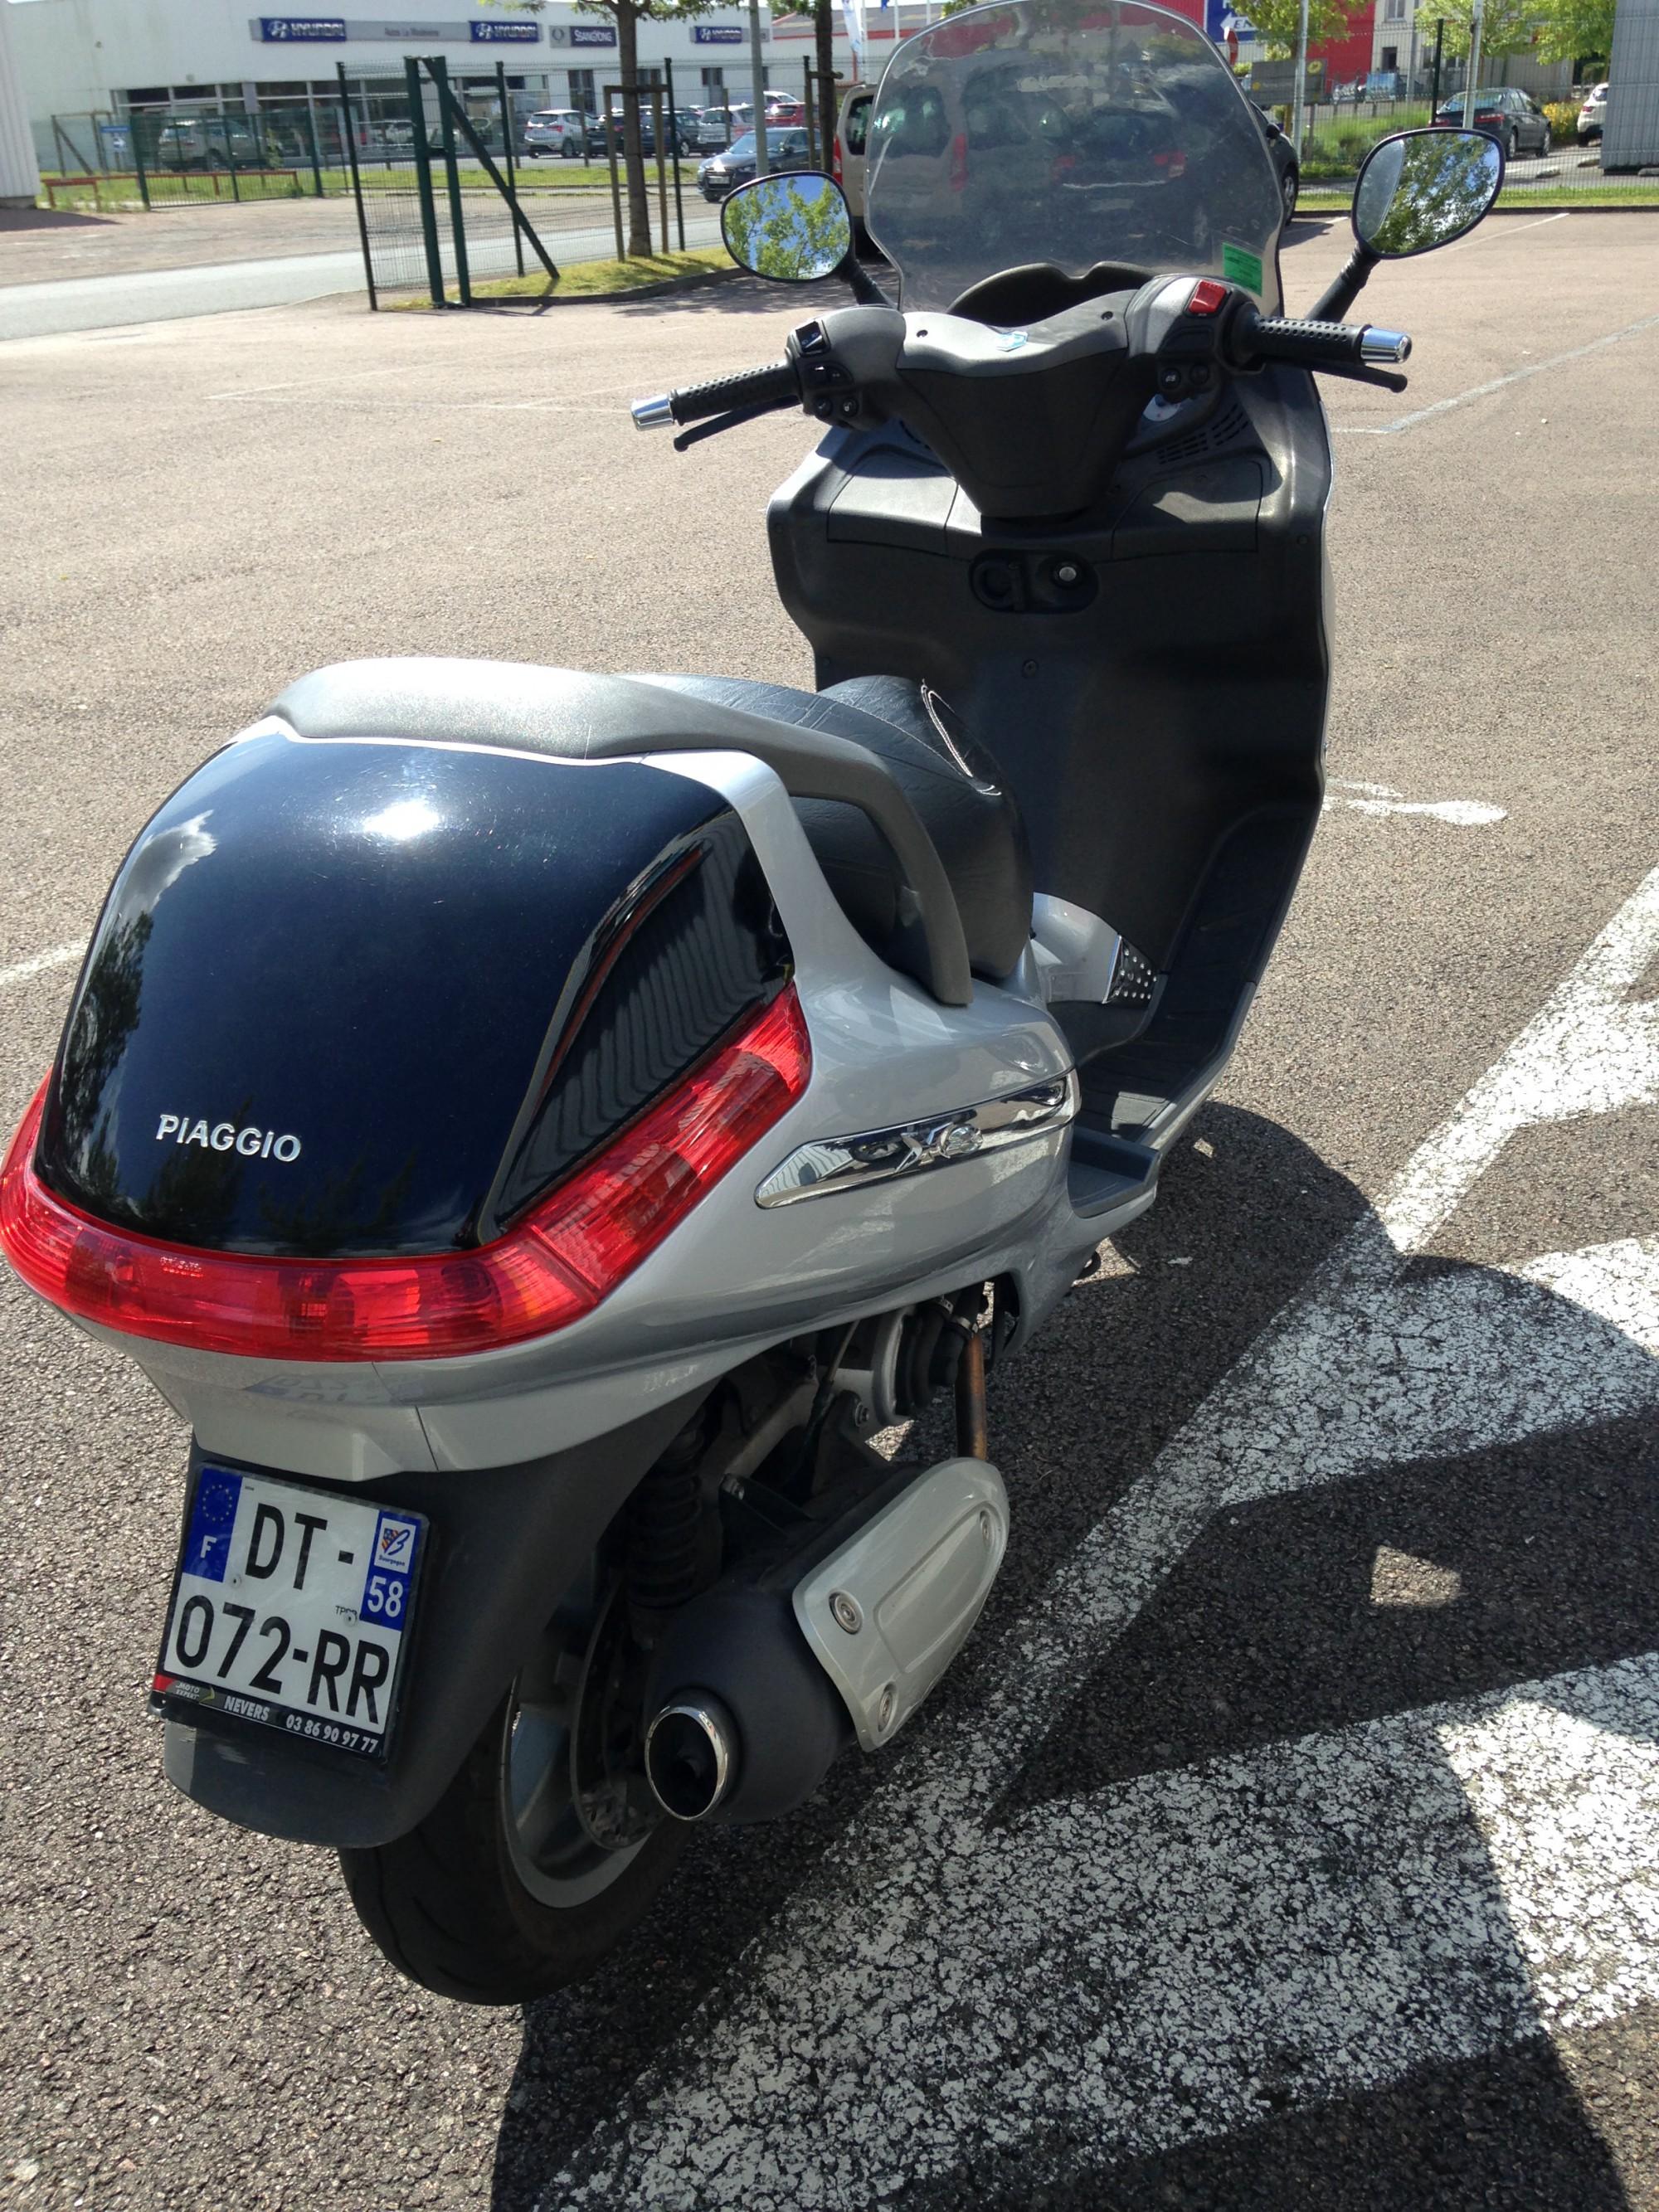 Moto 125 occasion nievre